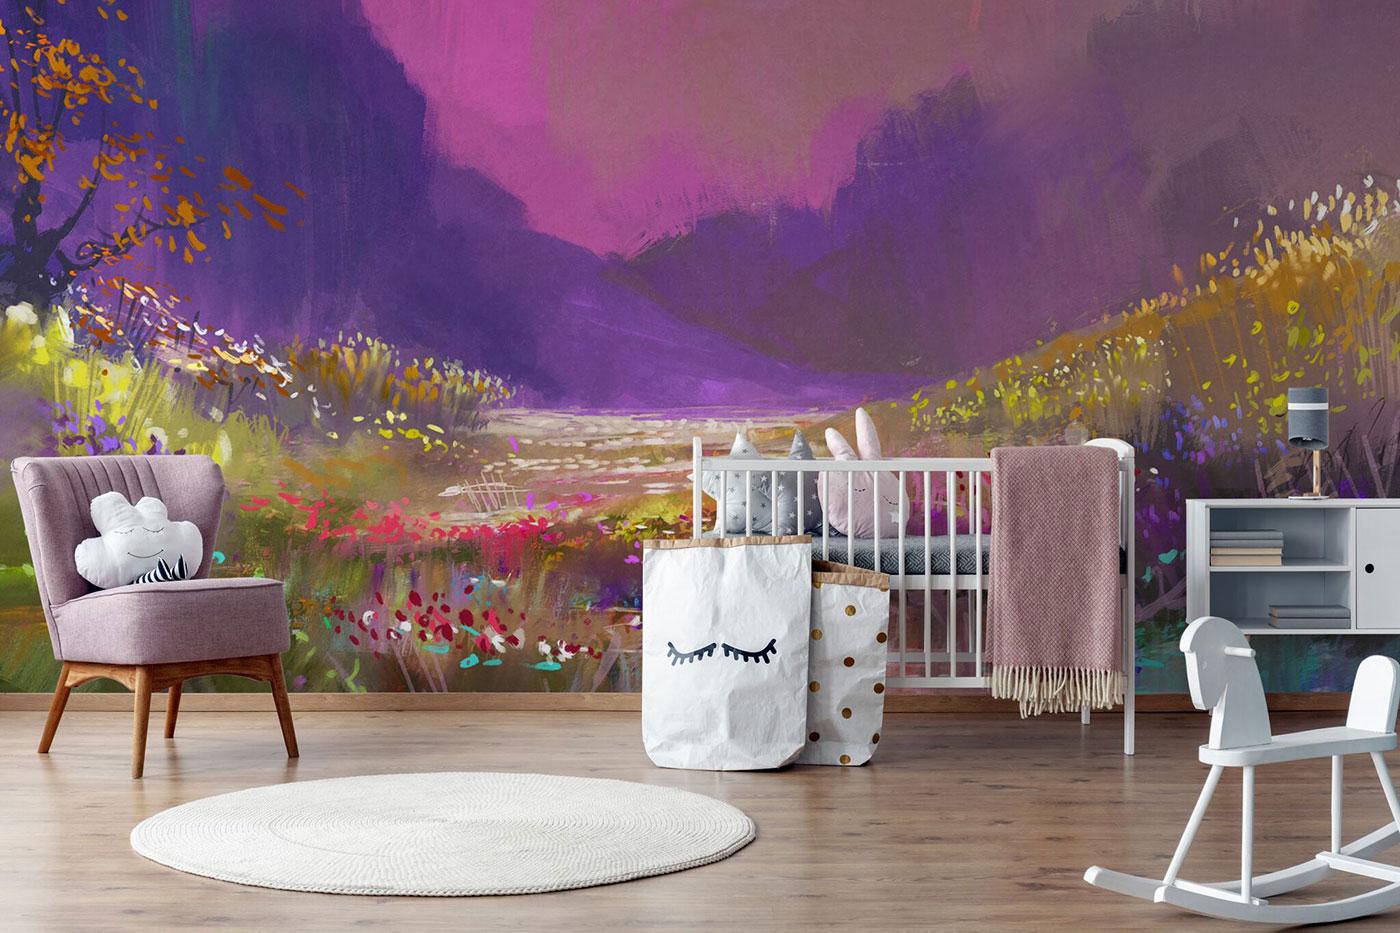 Fairy-tale wall decor